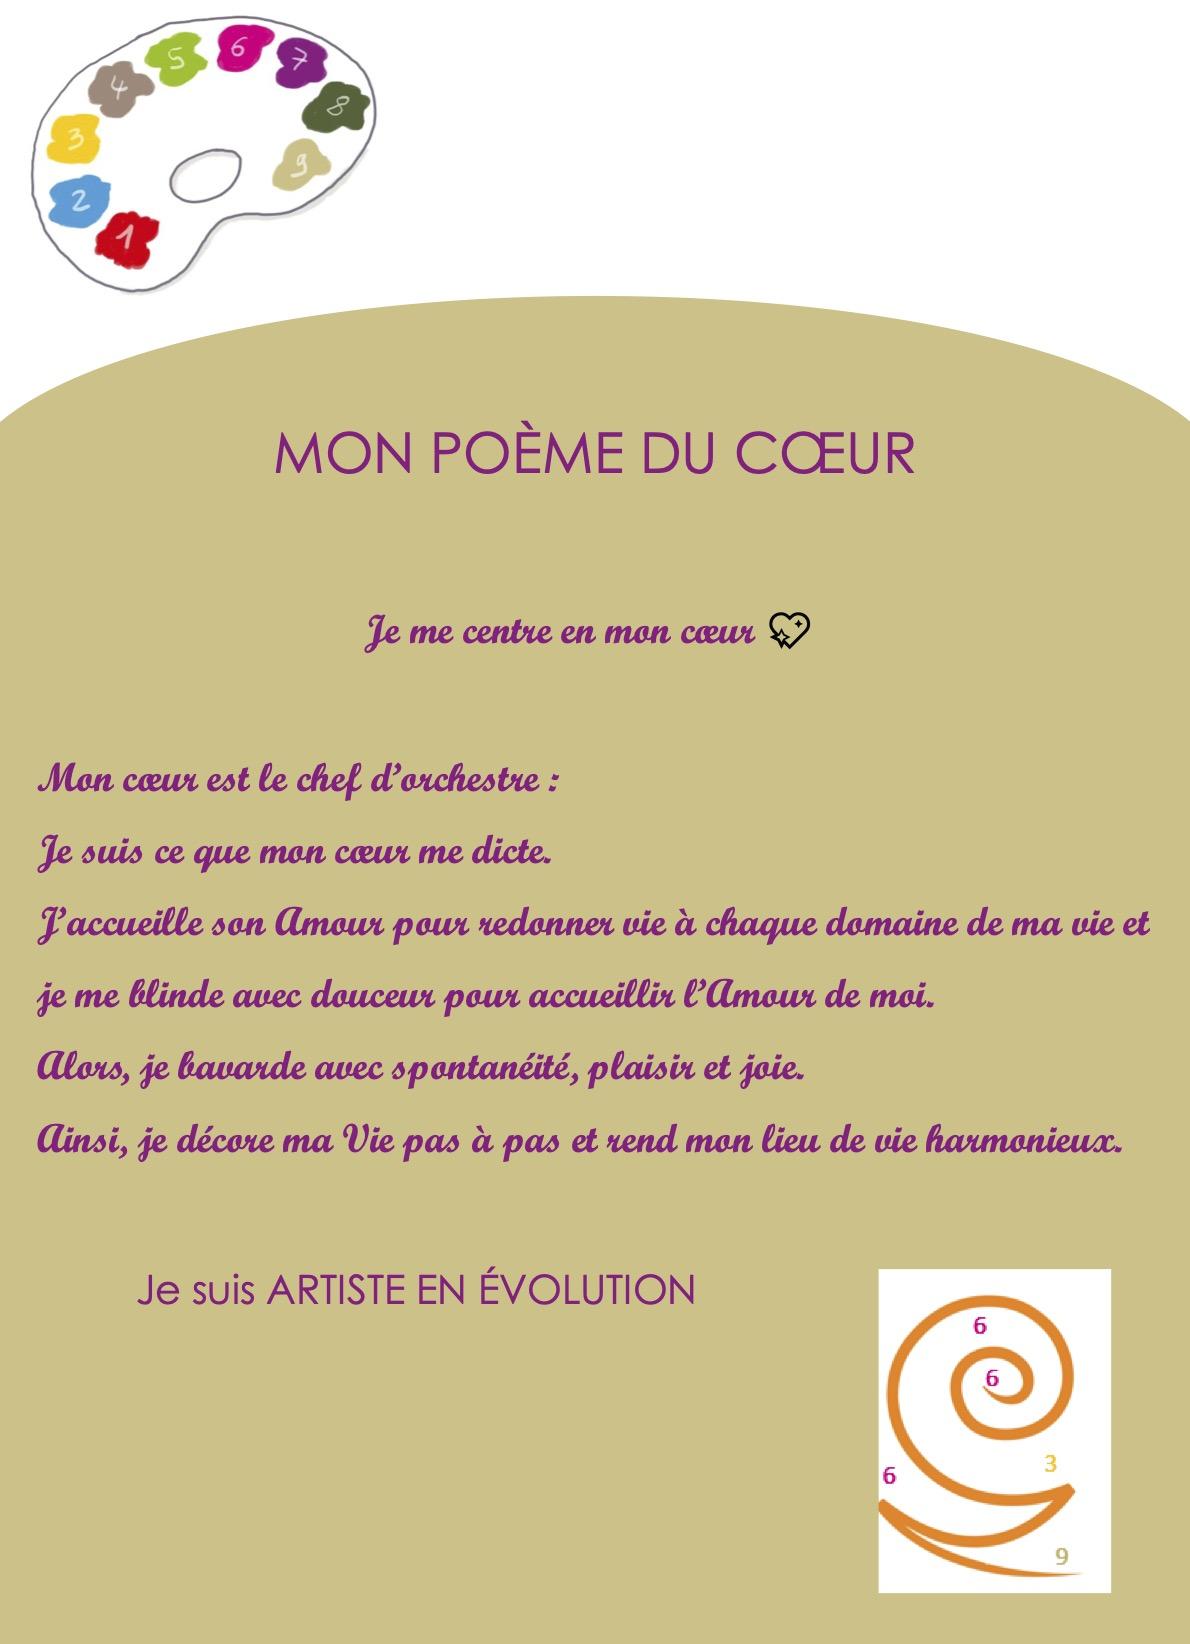 Irène saunier Coach Numérologue Intuition - Poèmes inspirés